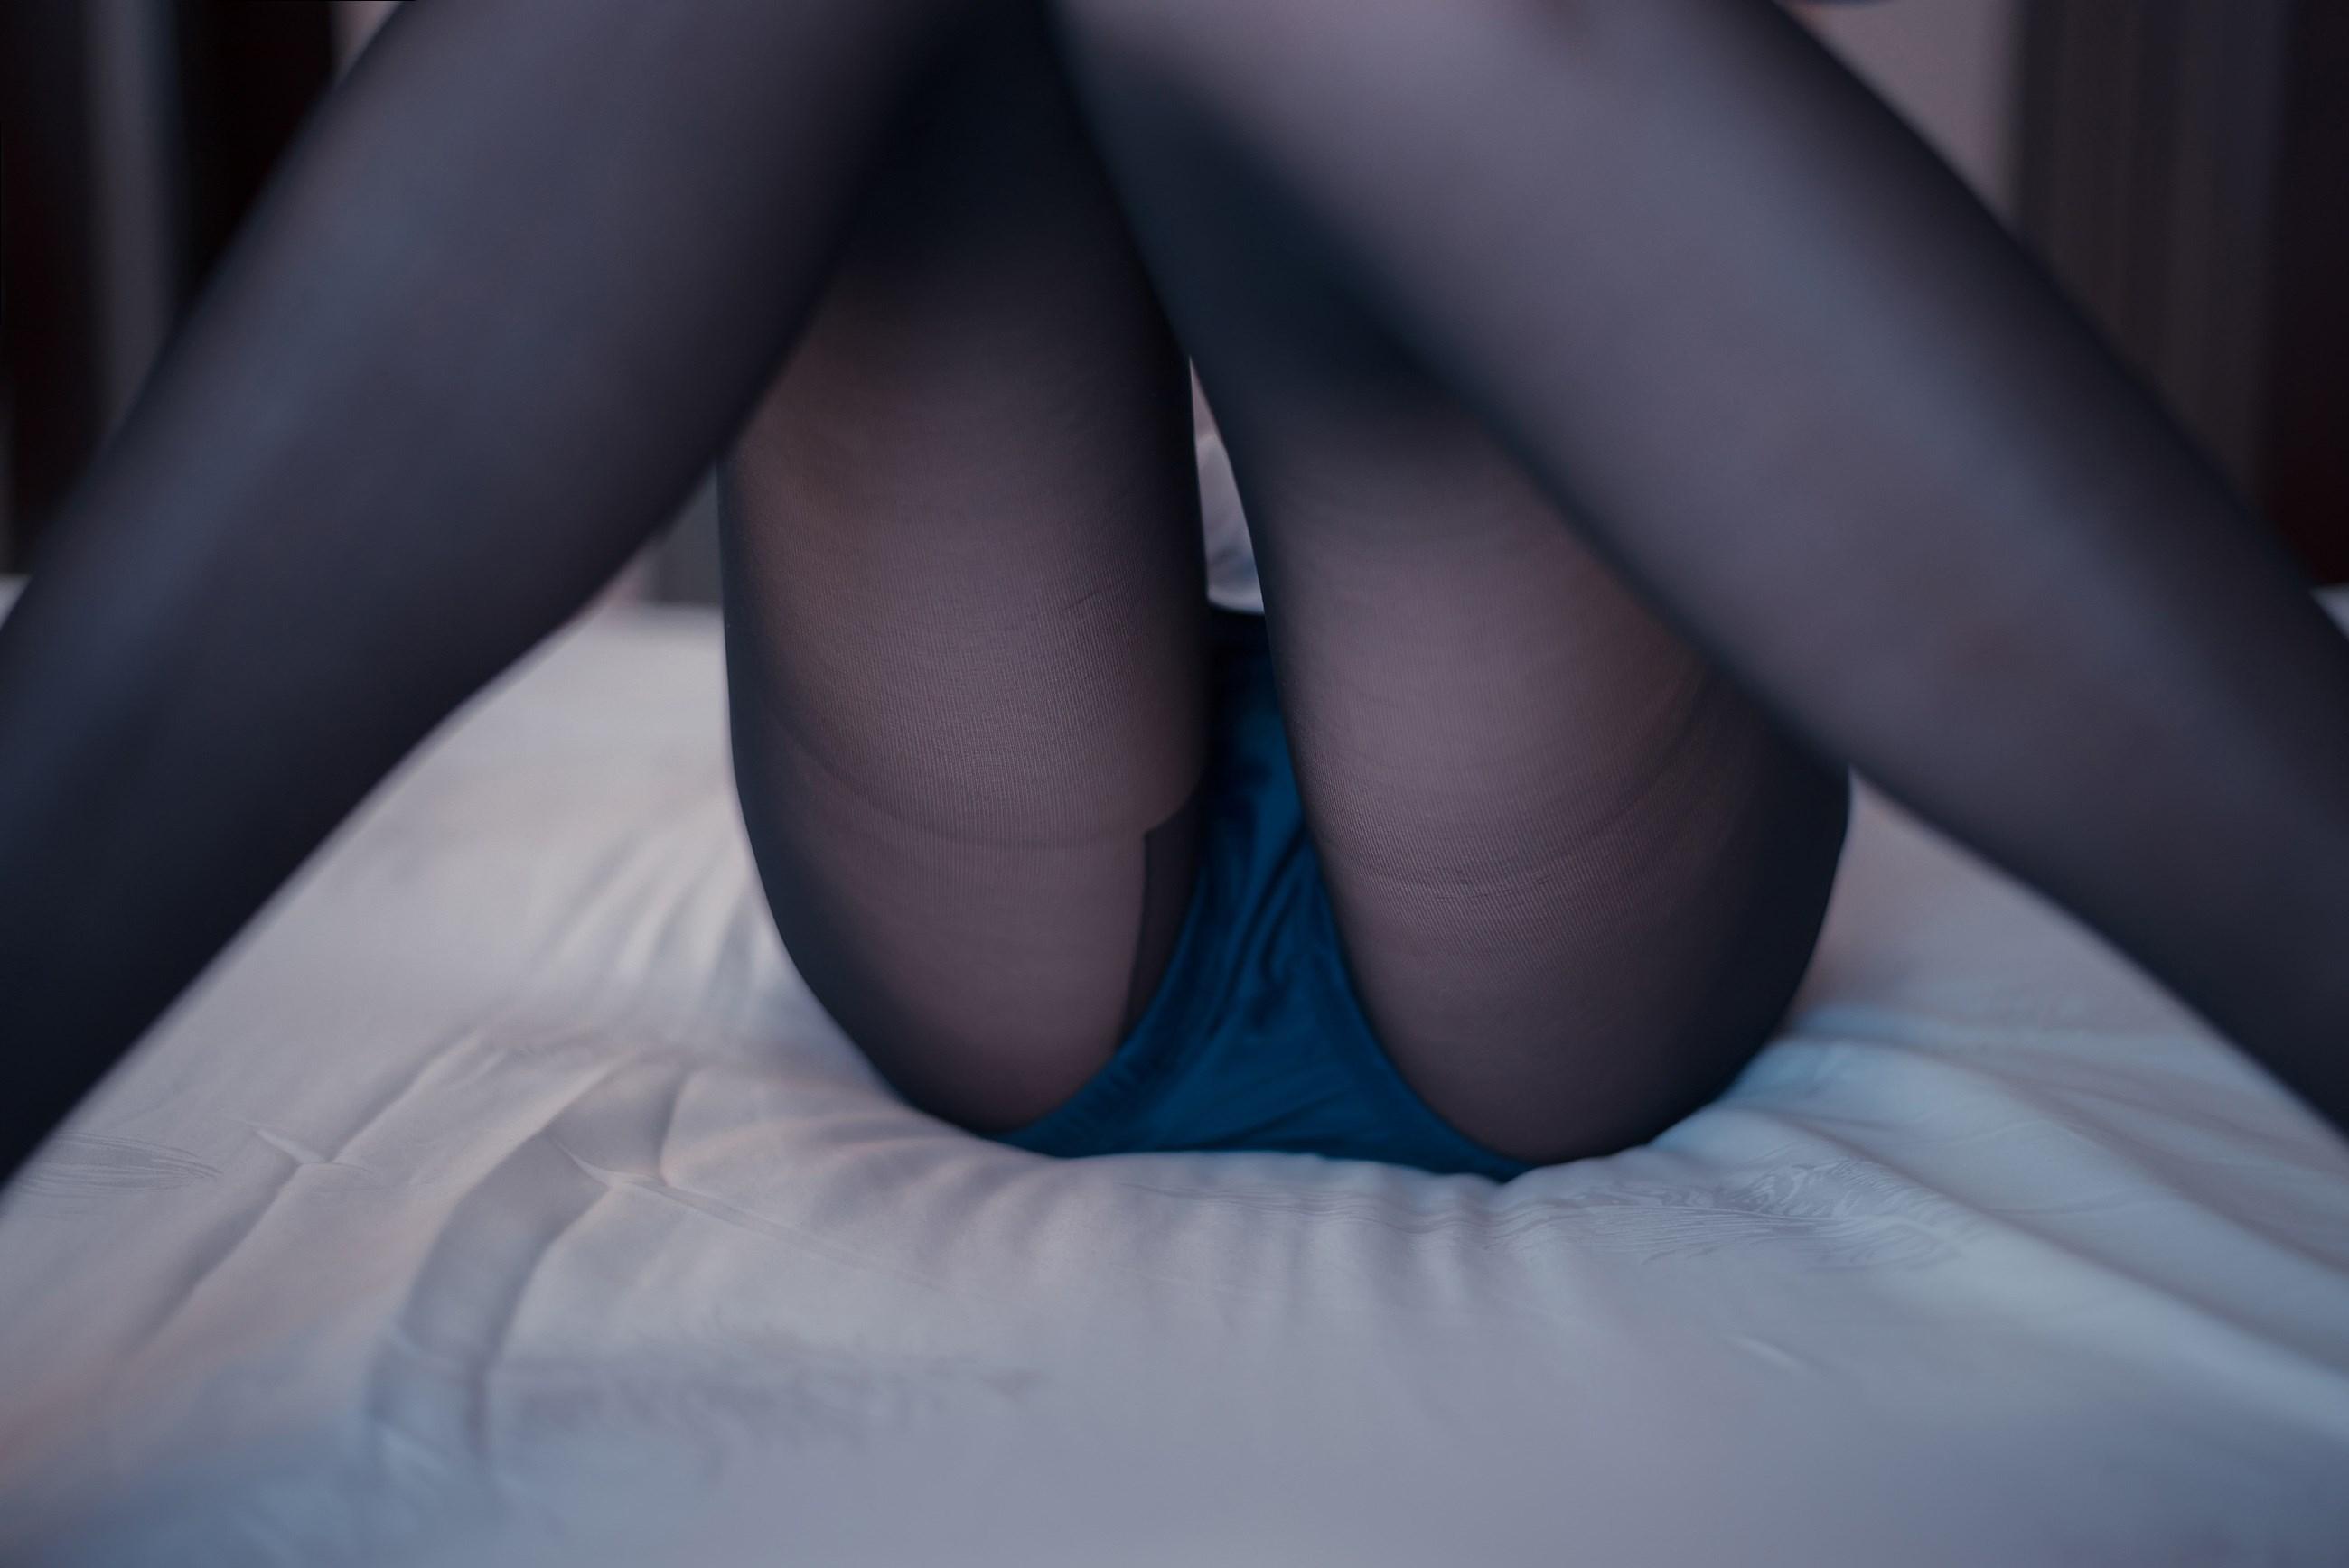 【兔玩映画】黑丝体操服 兔玩映画 第11张